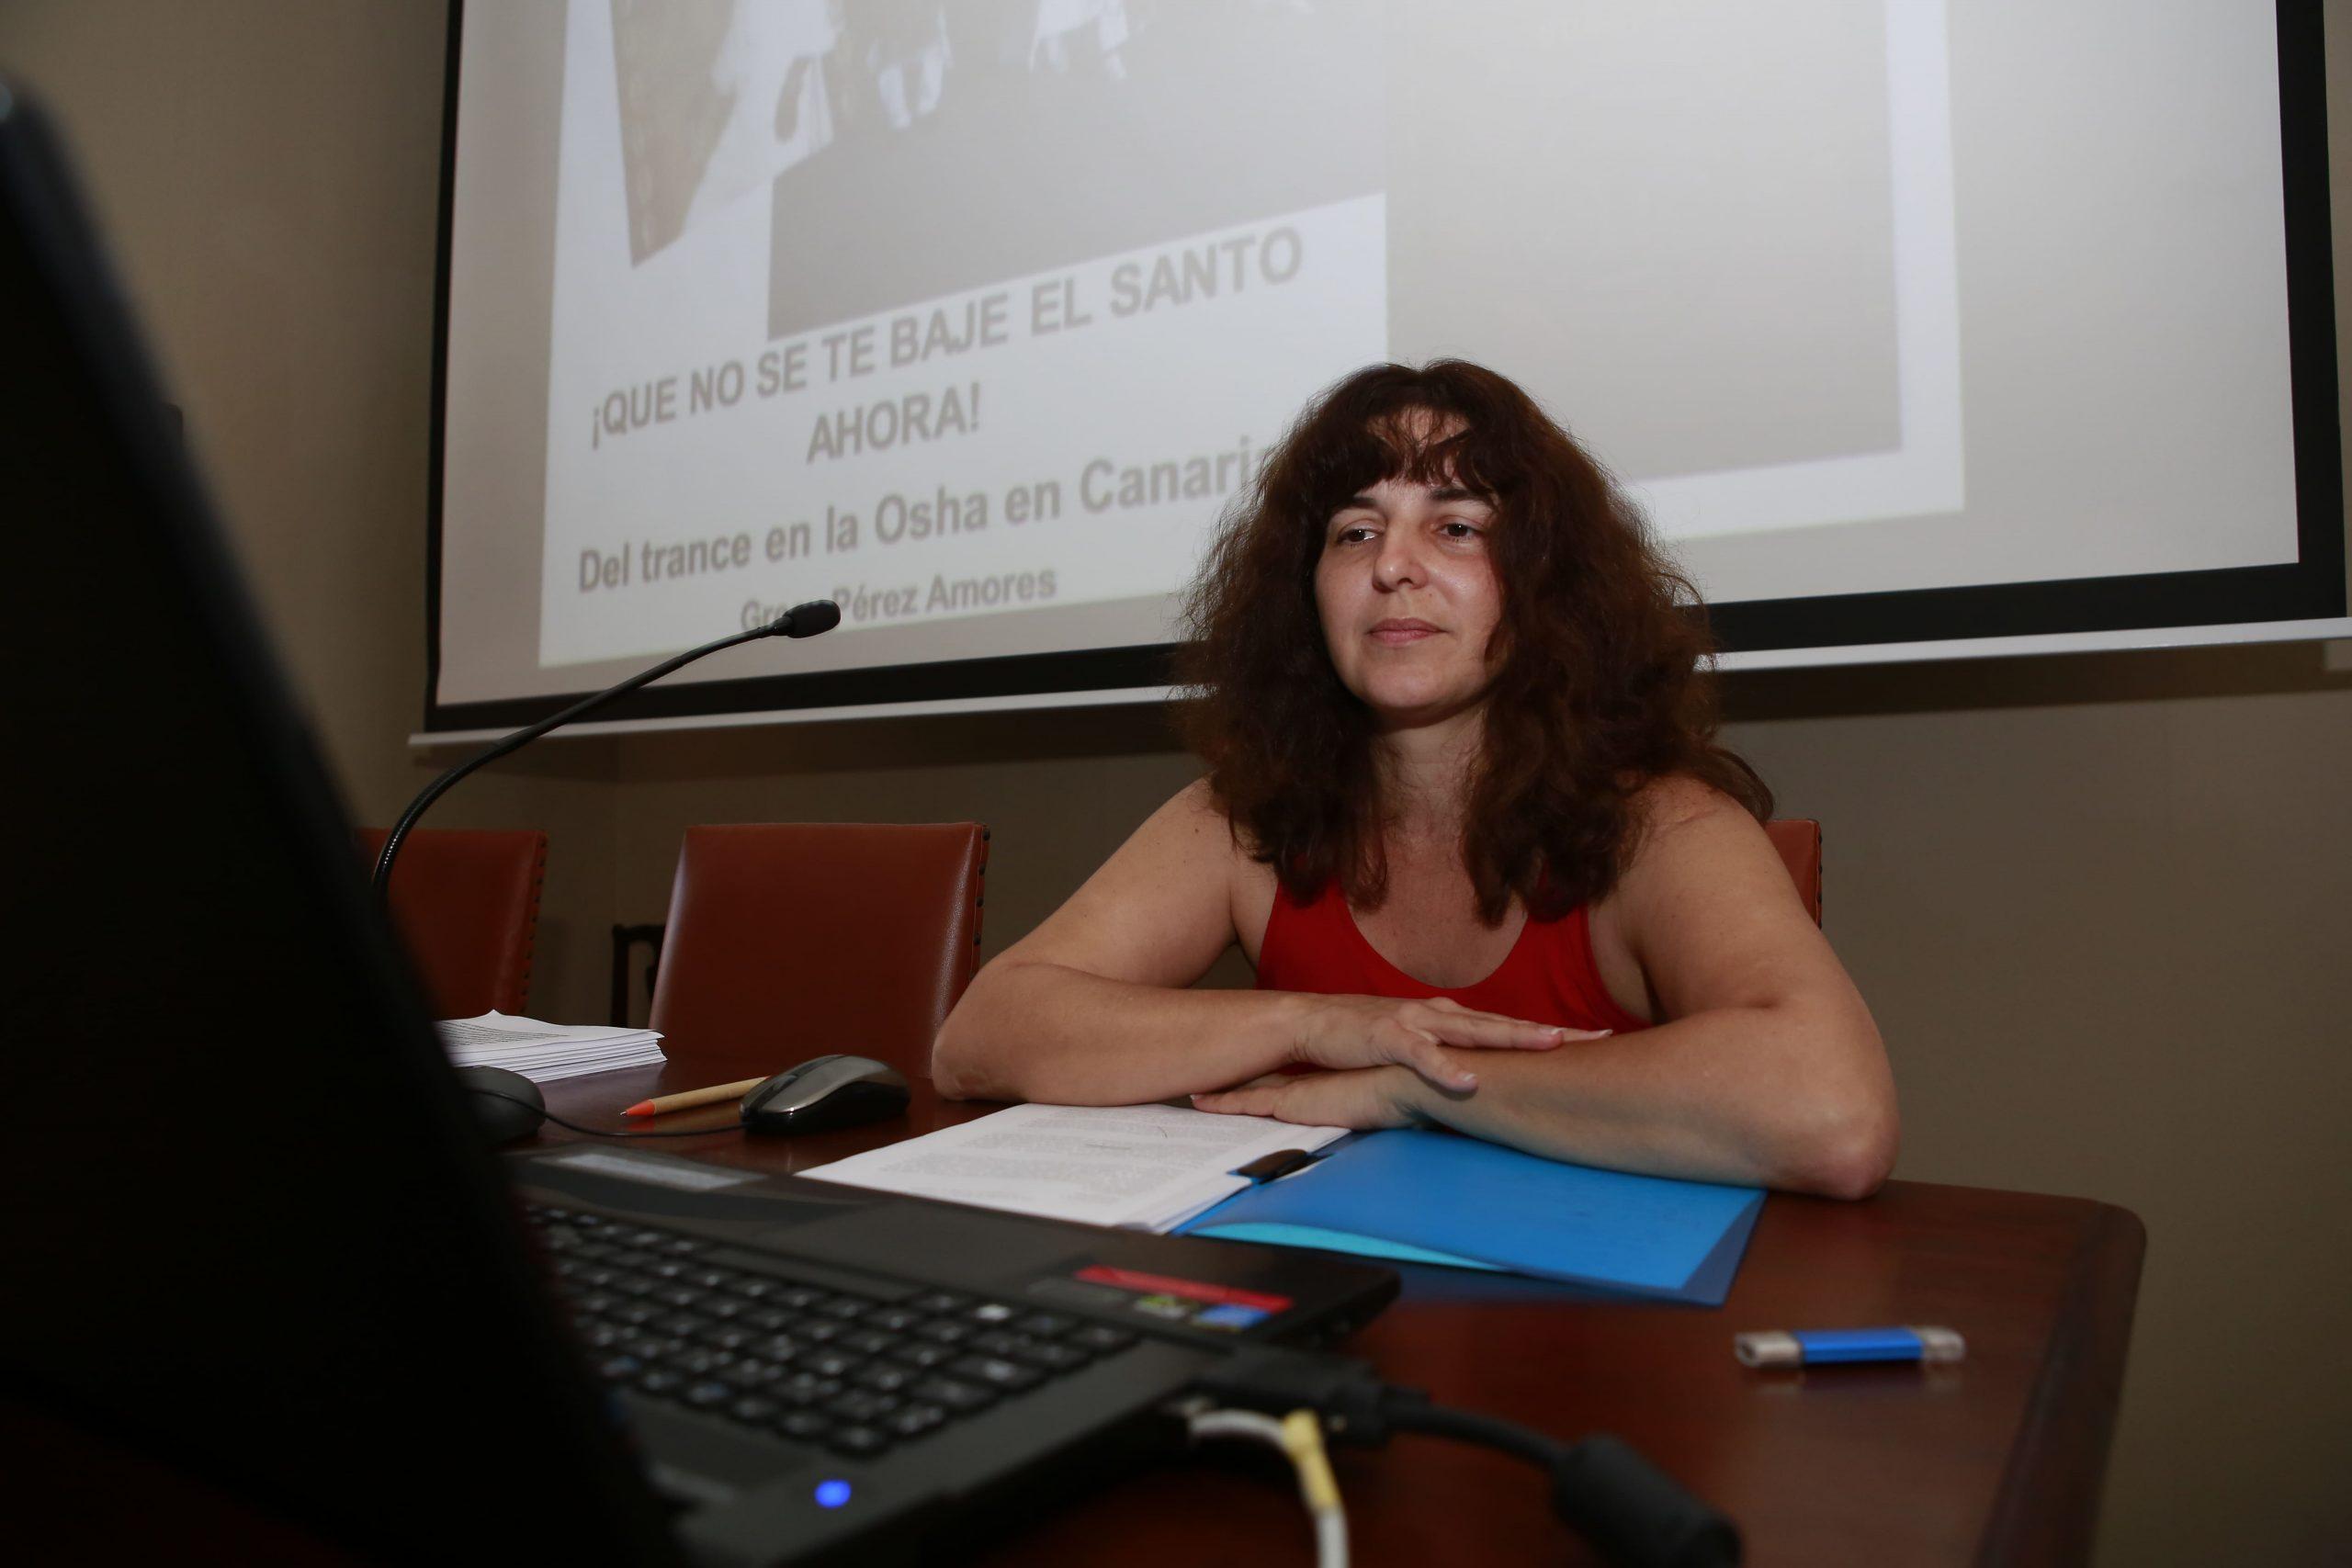 La antropóloga cubana Grecy Pérez